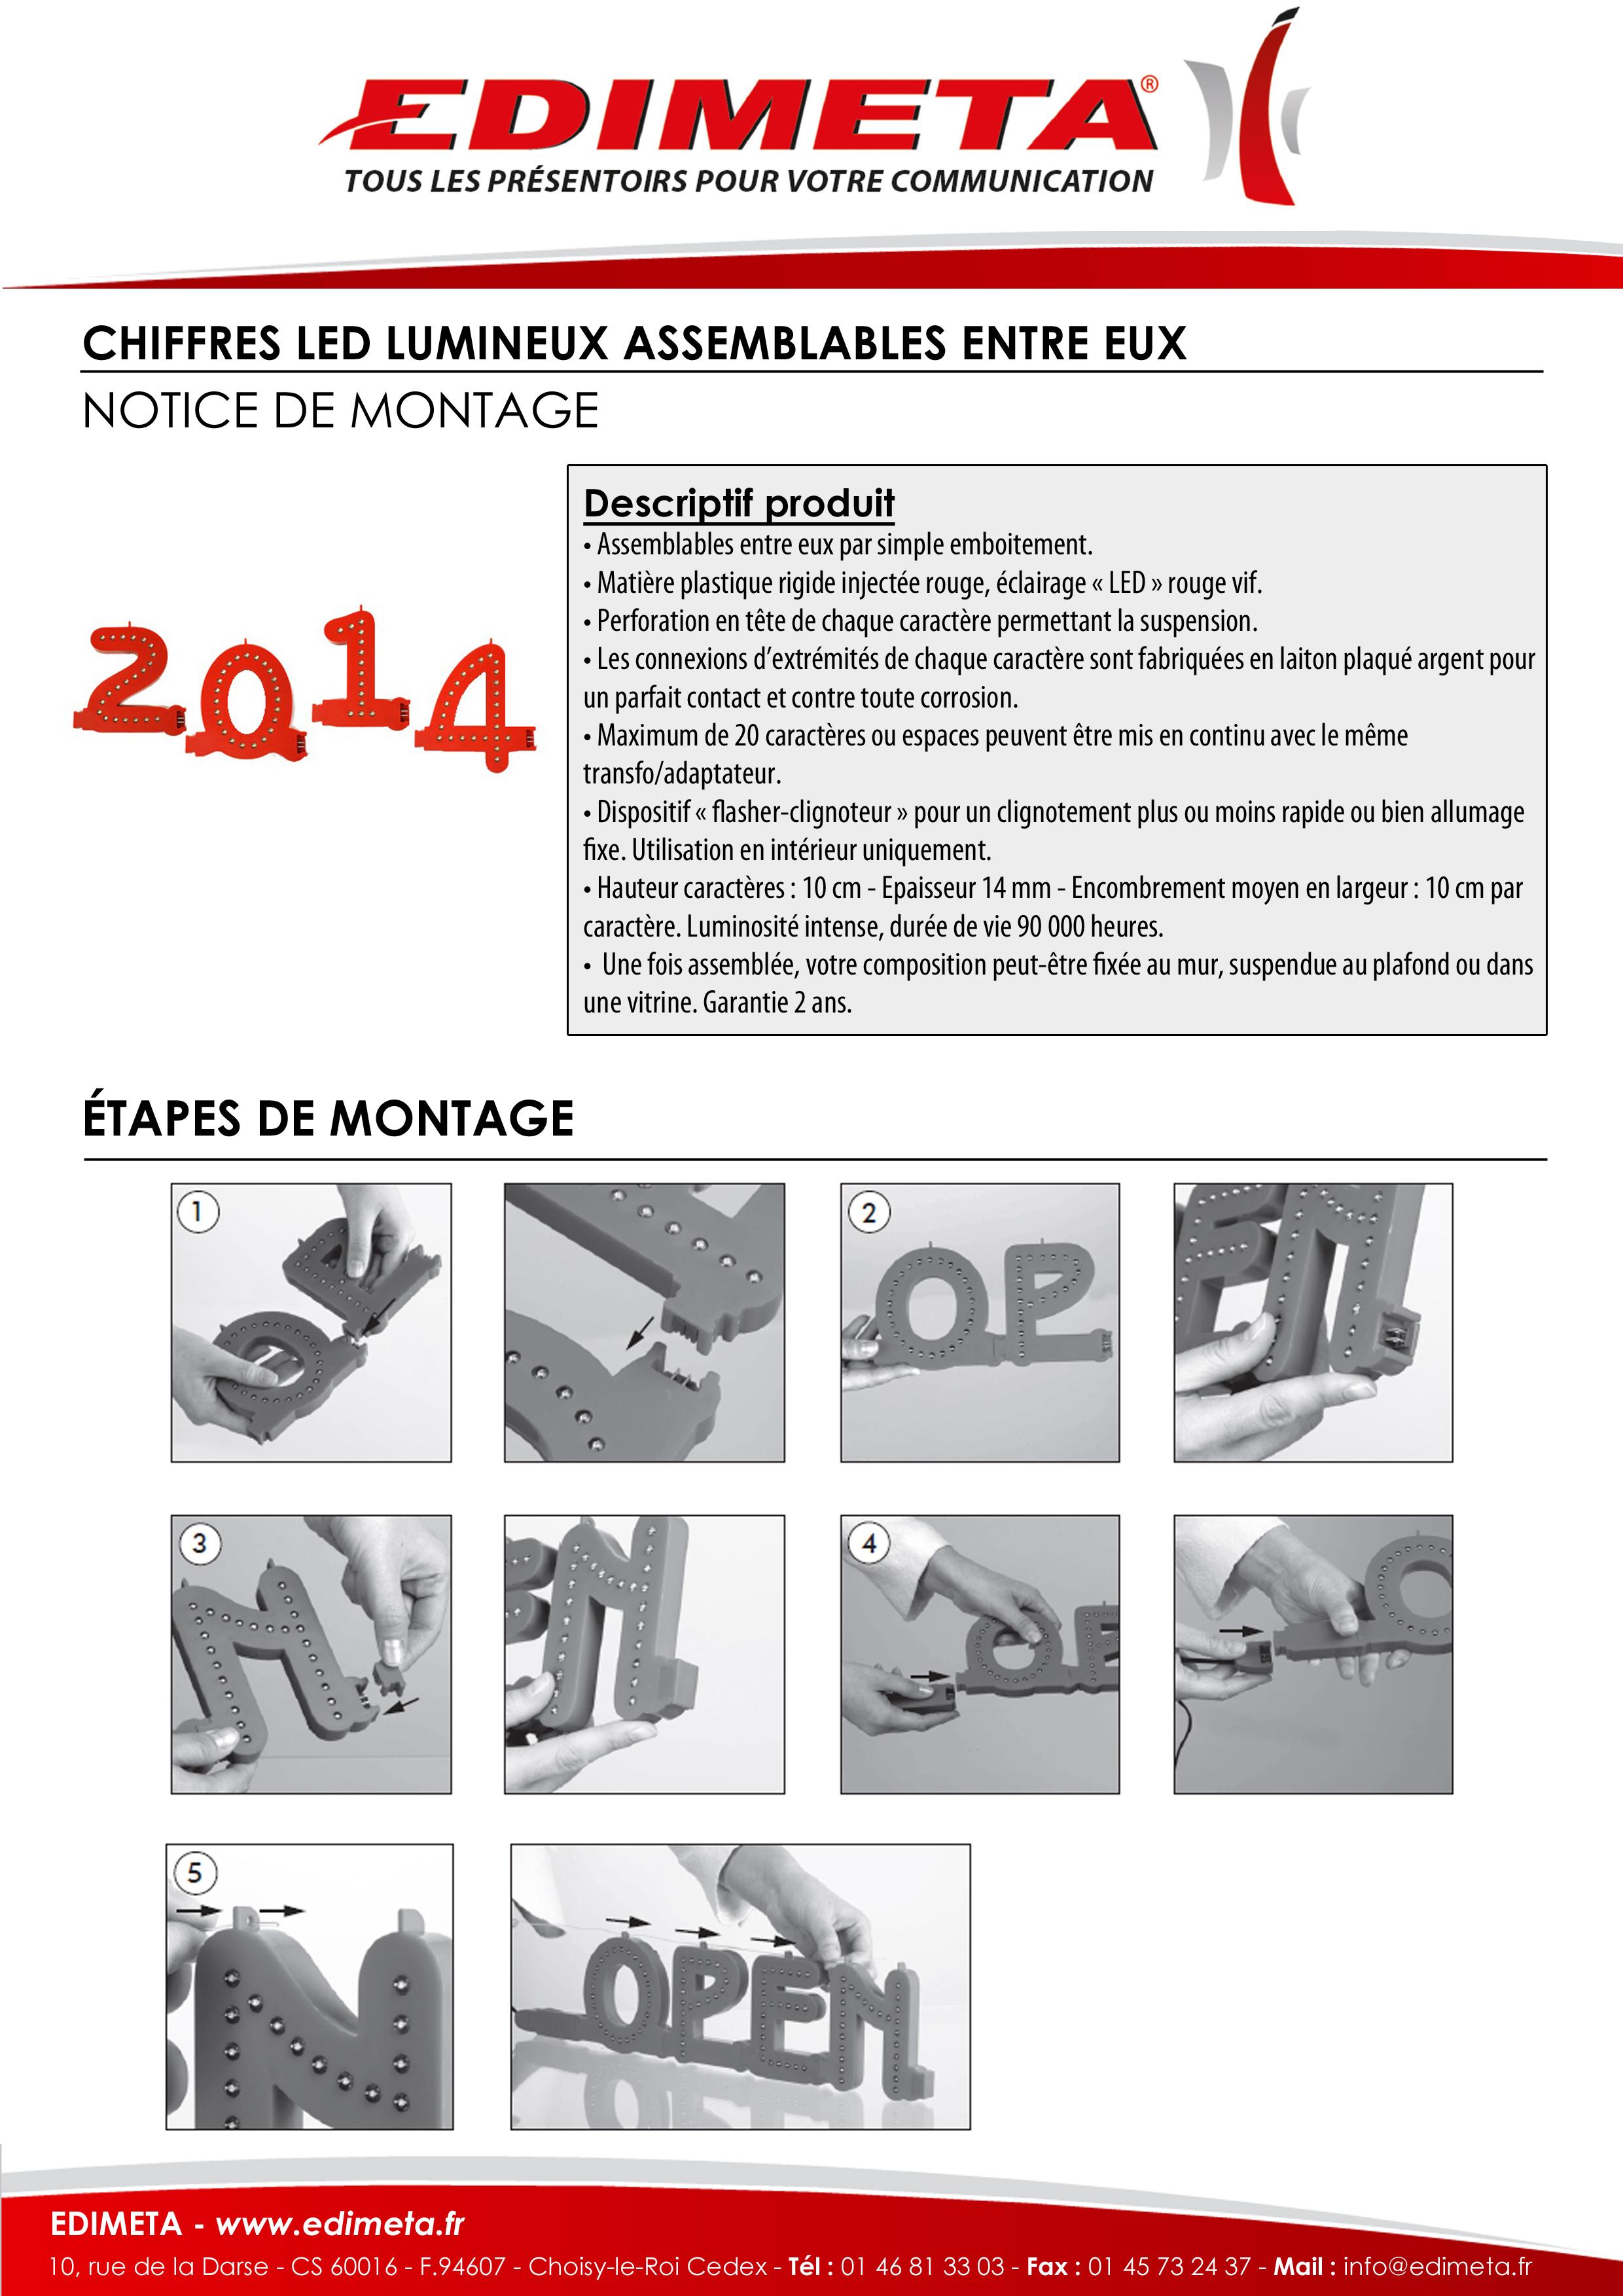 NOTICE DE MONTAGE : CHIFFRES LED LUMINEUX ASSEMBLABLES ENTRE EUX